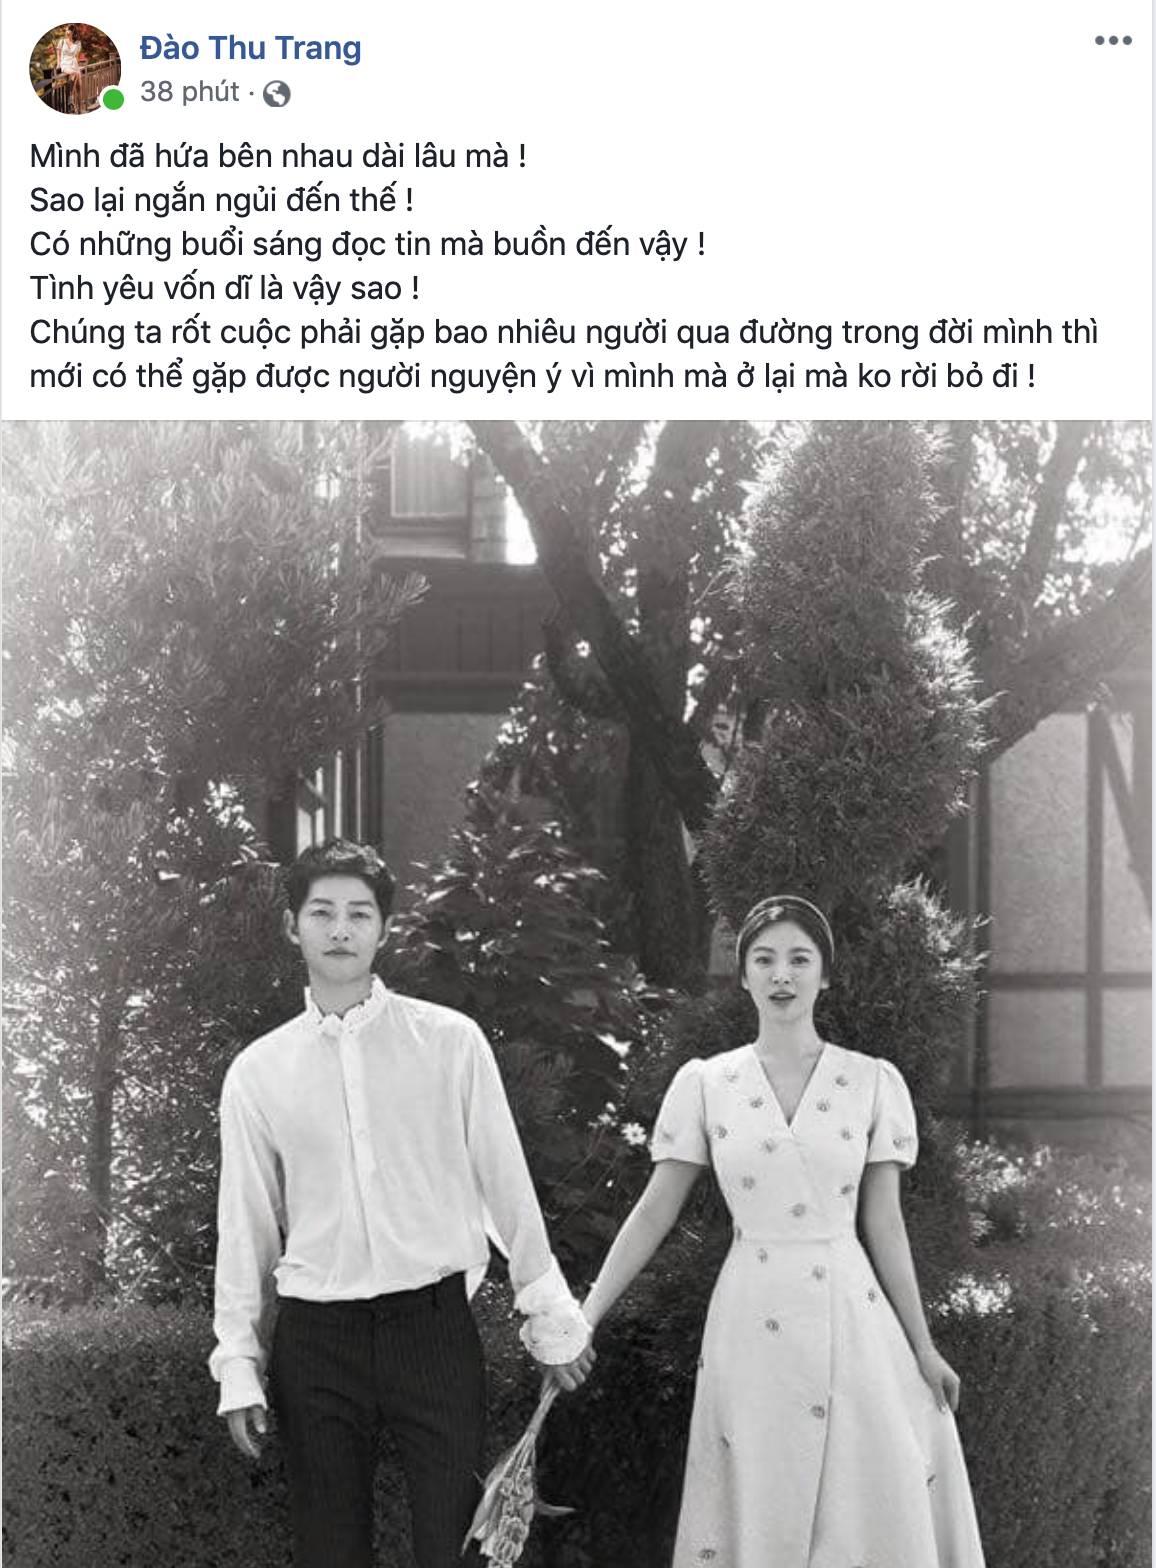 Dân mạng Việt sốc trước tin Song - Song ly hôn: Động lực để yêu và cưới của tôi tan tành rồi!-7